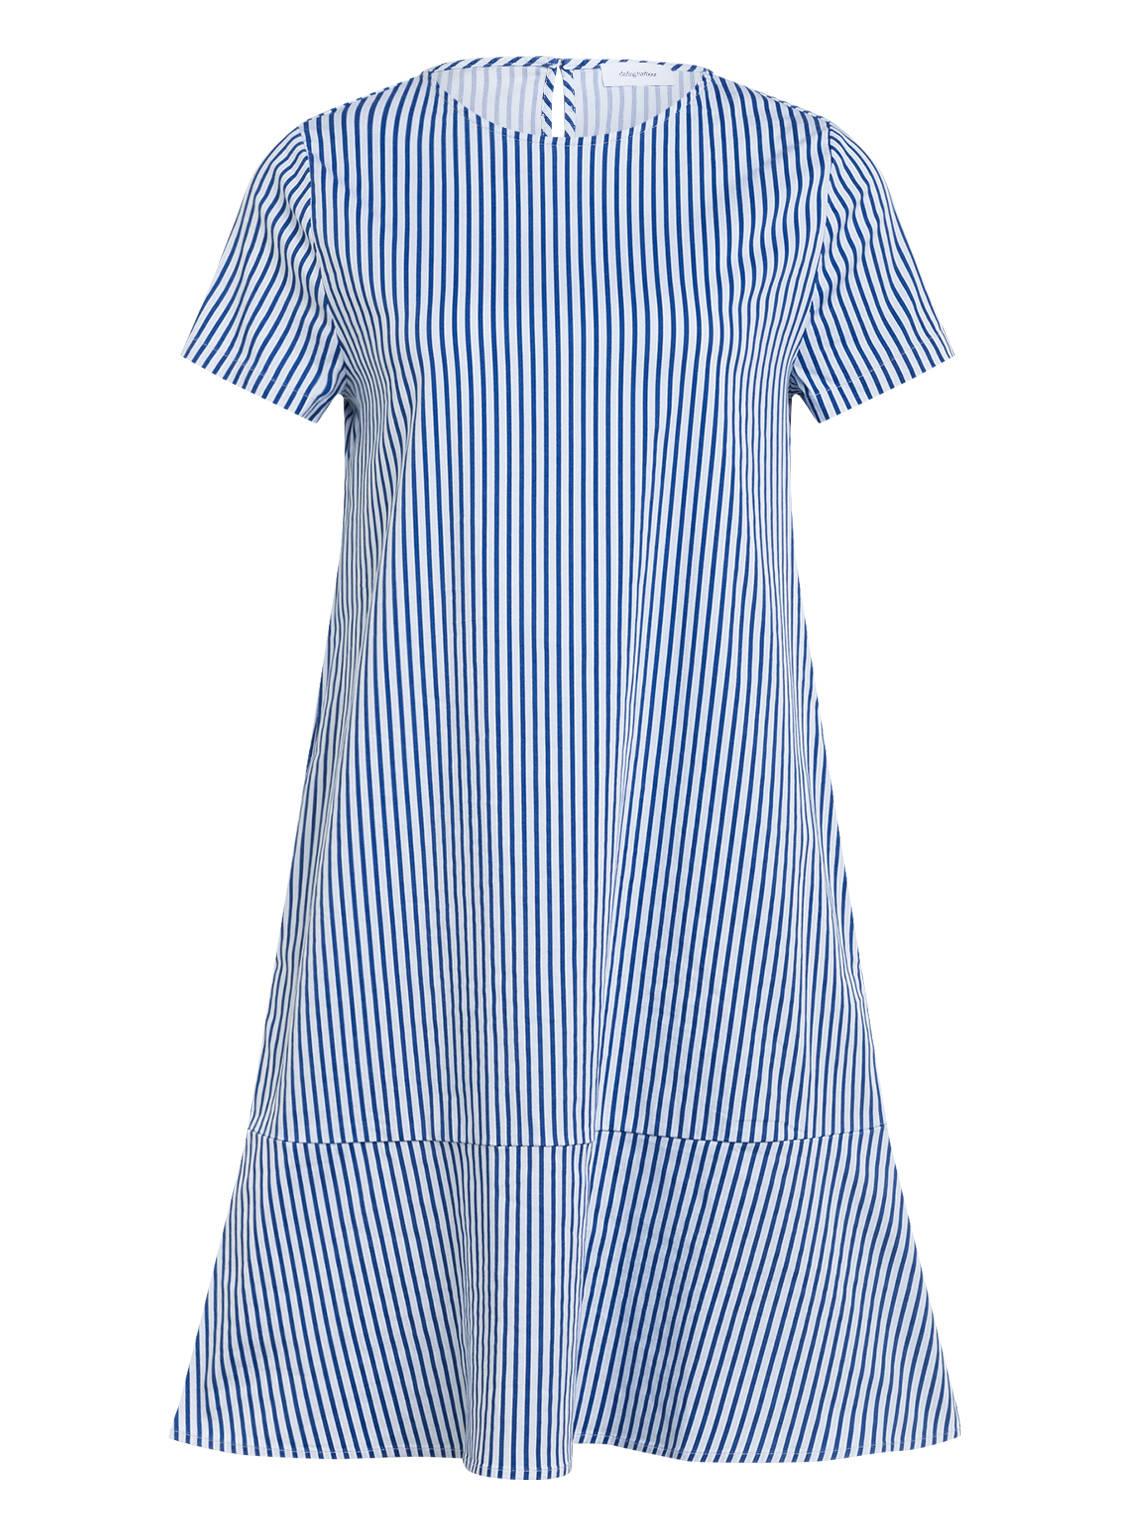 Darling Harbour Kleid blau - Styles4Work